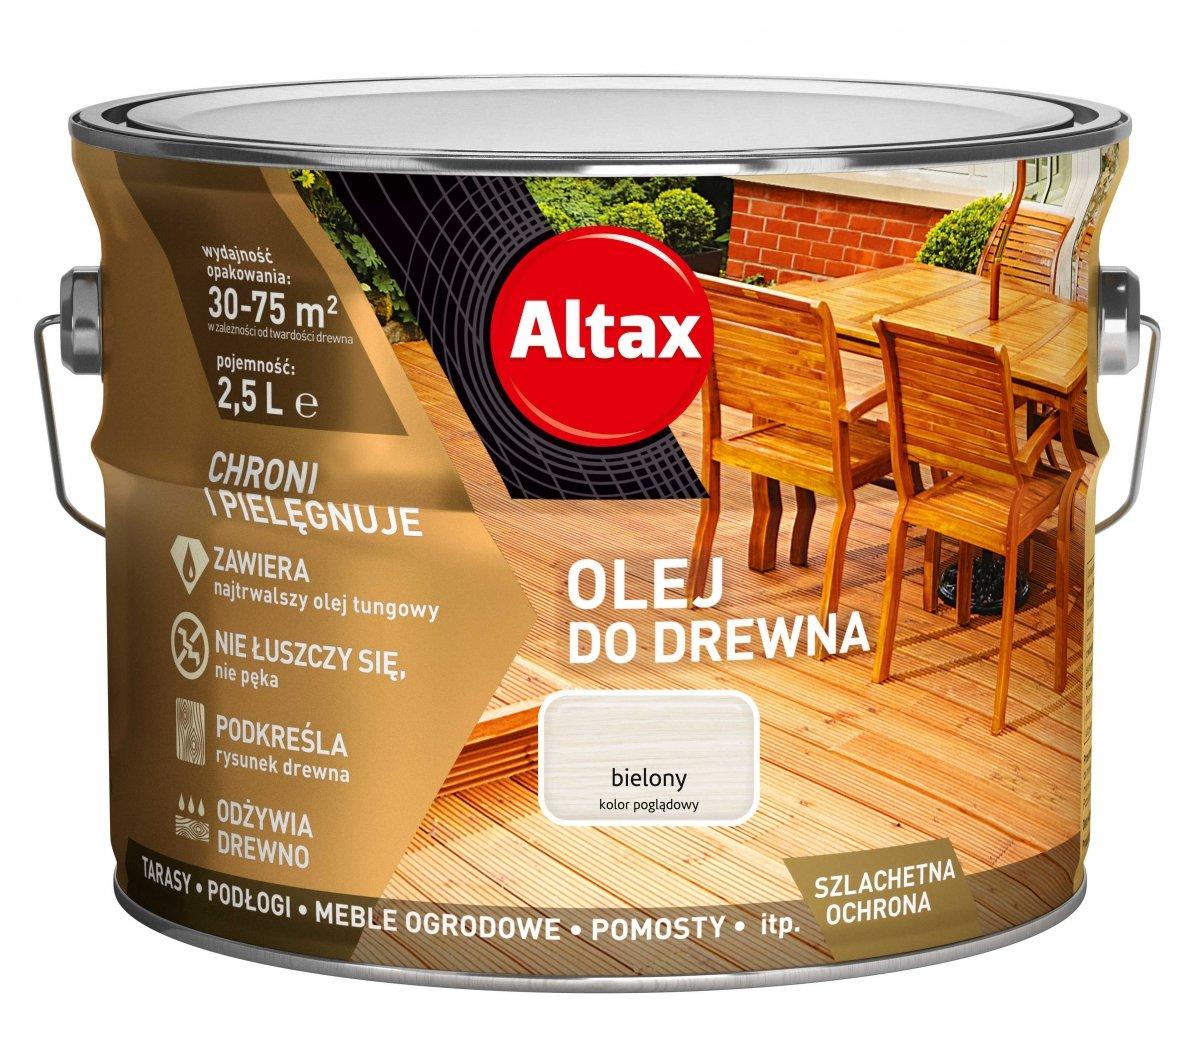 Altax Olej Do Drewna 25l Bielony Biały Tarasów